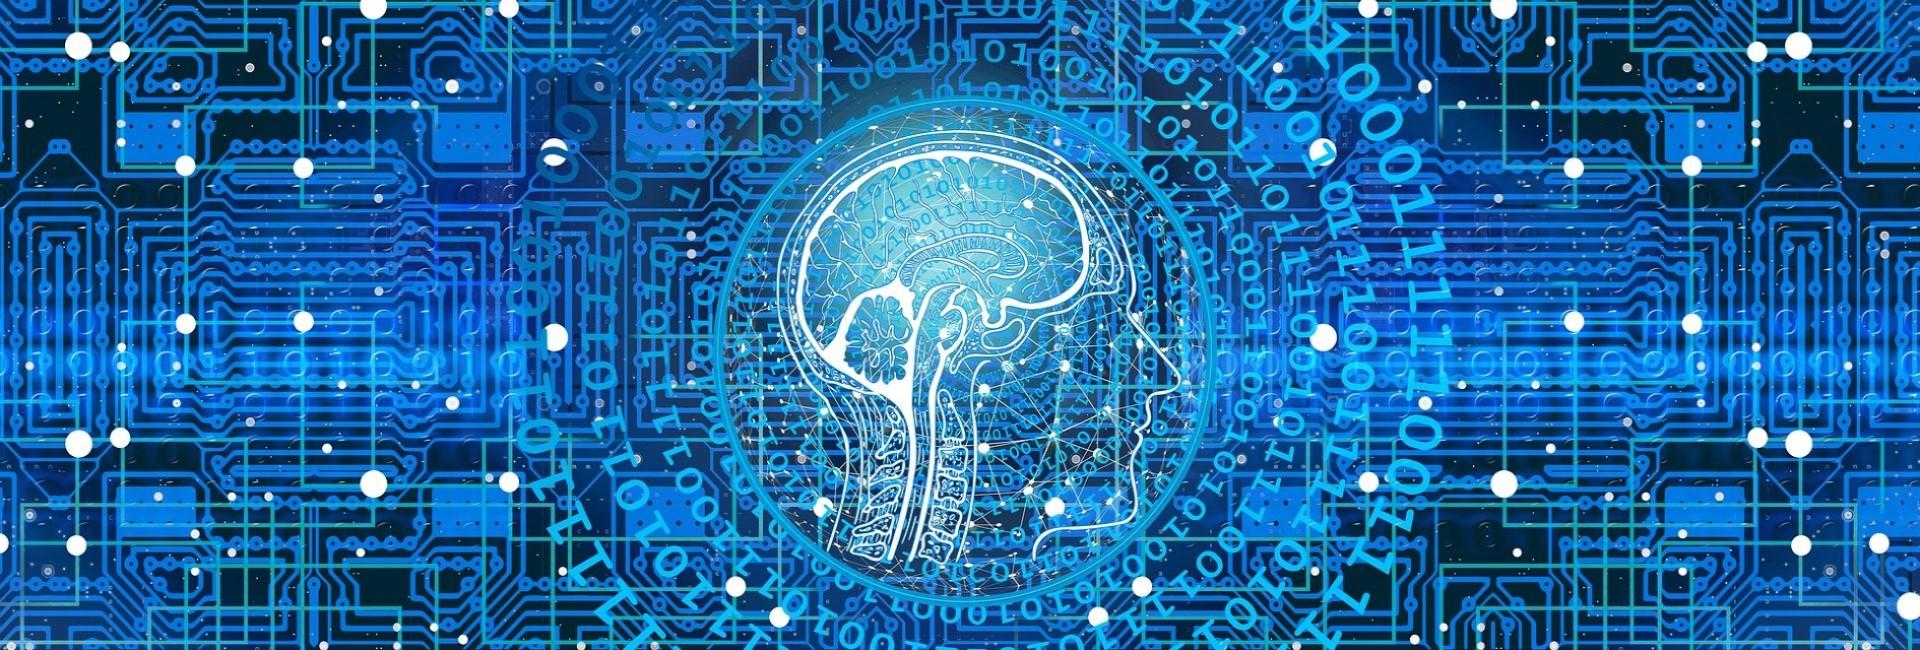 Será que já temos um consenso nacional sobre o quê regular em termos de IA?